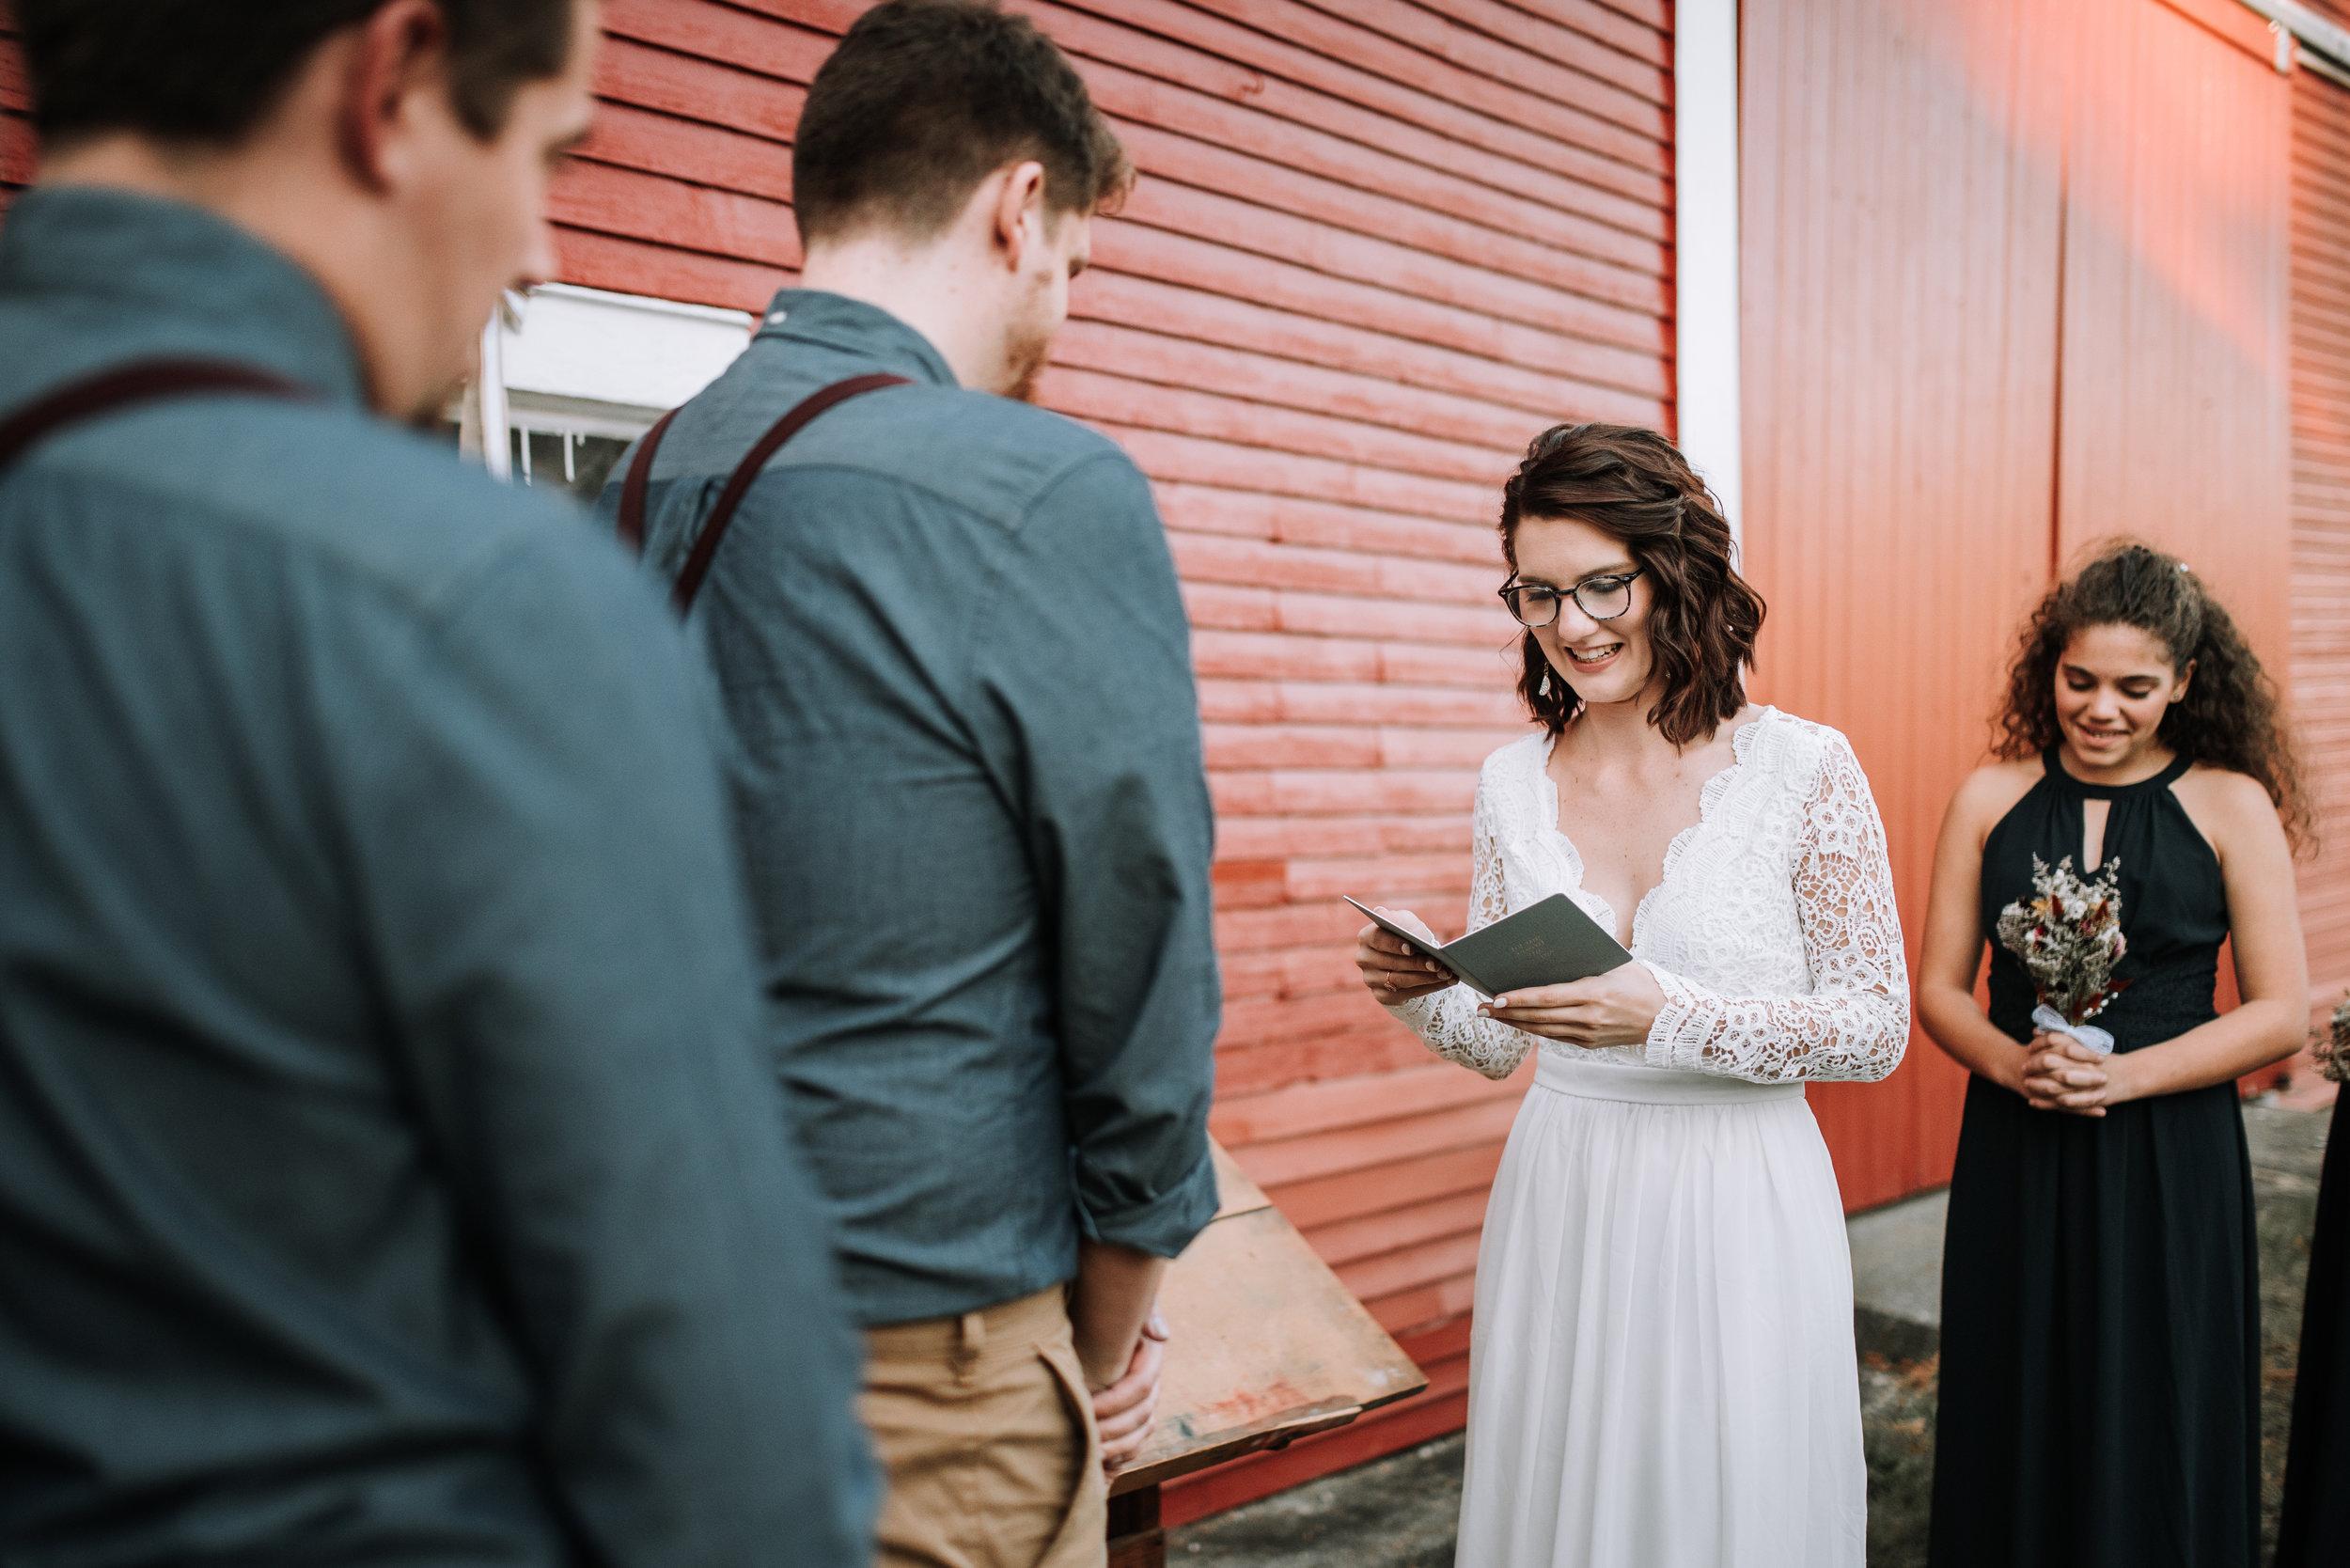 LUV LENS_WEDDING_GABBIE GARY SMALL-35.jpg